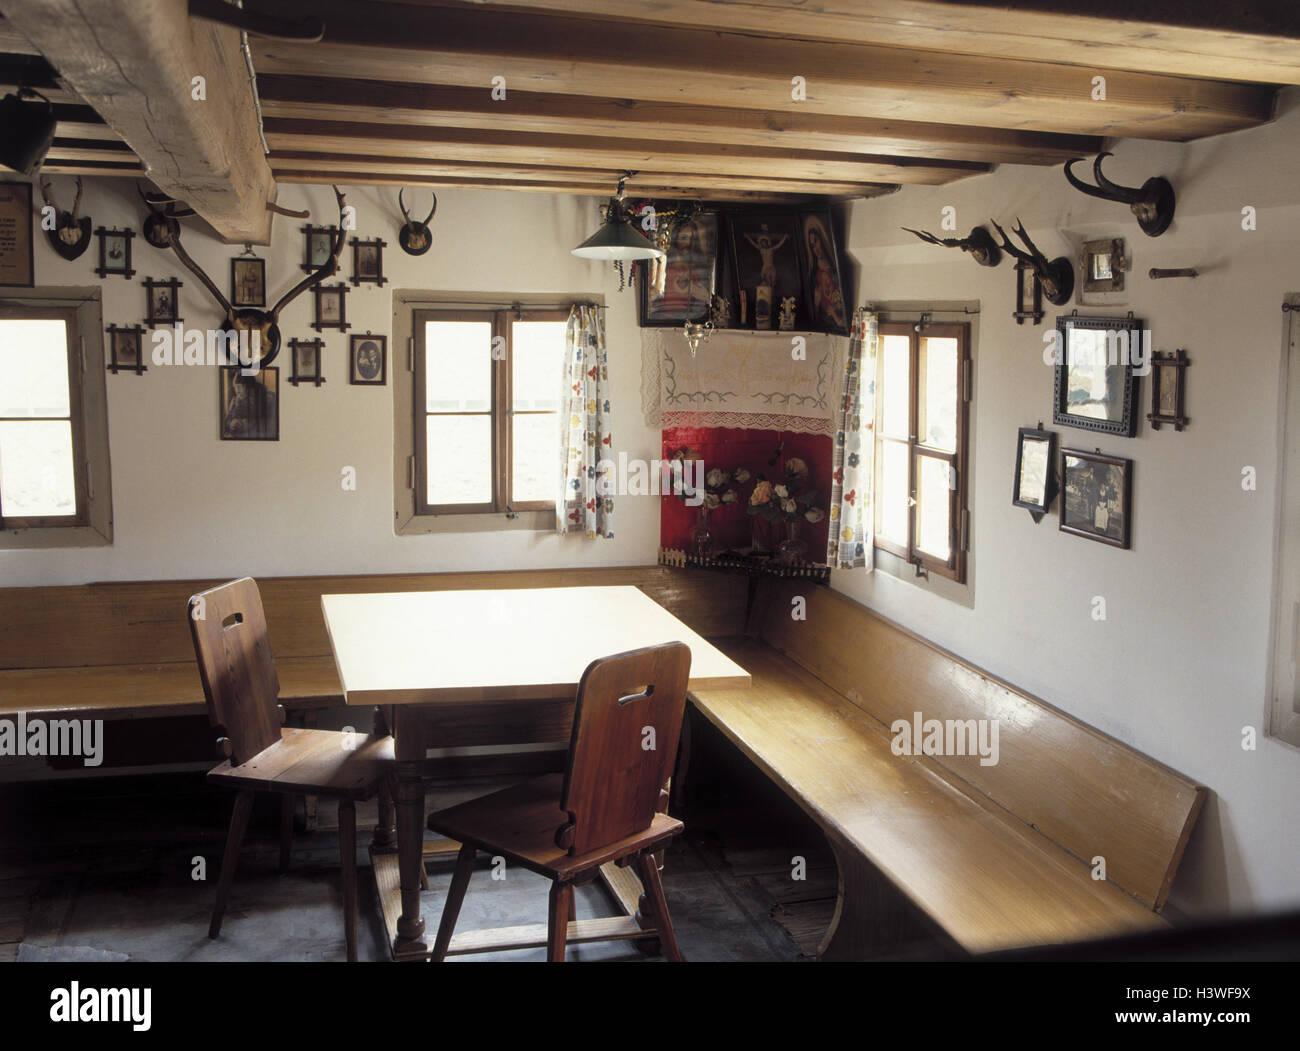 deutschland oberbayern bauernstube alt innen bayern haus wohnhaus bauernhof zimmer. Black Bedroom Furniture Sets. Home Design Ideas